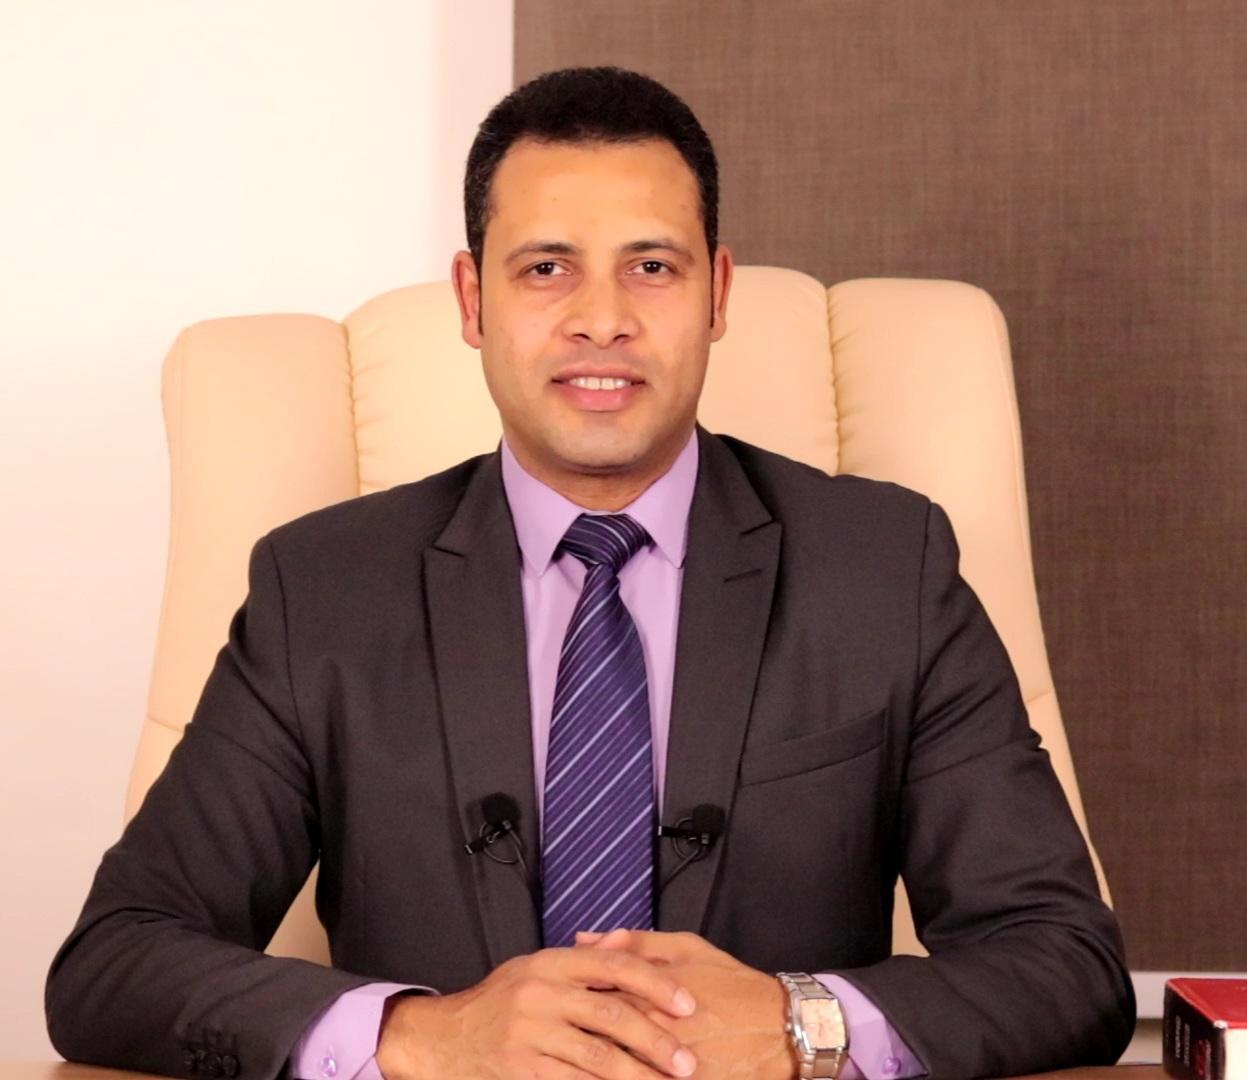 المستشار ياسين عبدالمنعم عضوا بالمكتب التنفيذي ومديرا لهيئة الرياضة بالملتقى الدولي للشباب